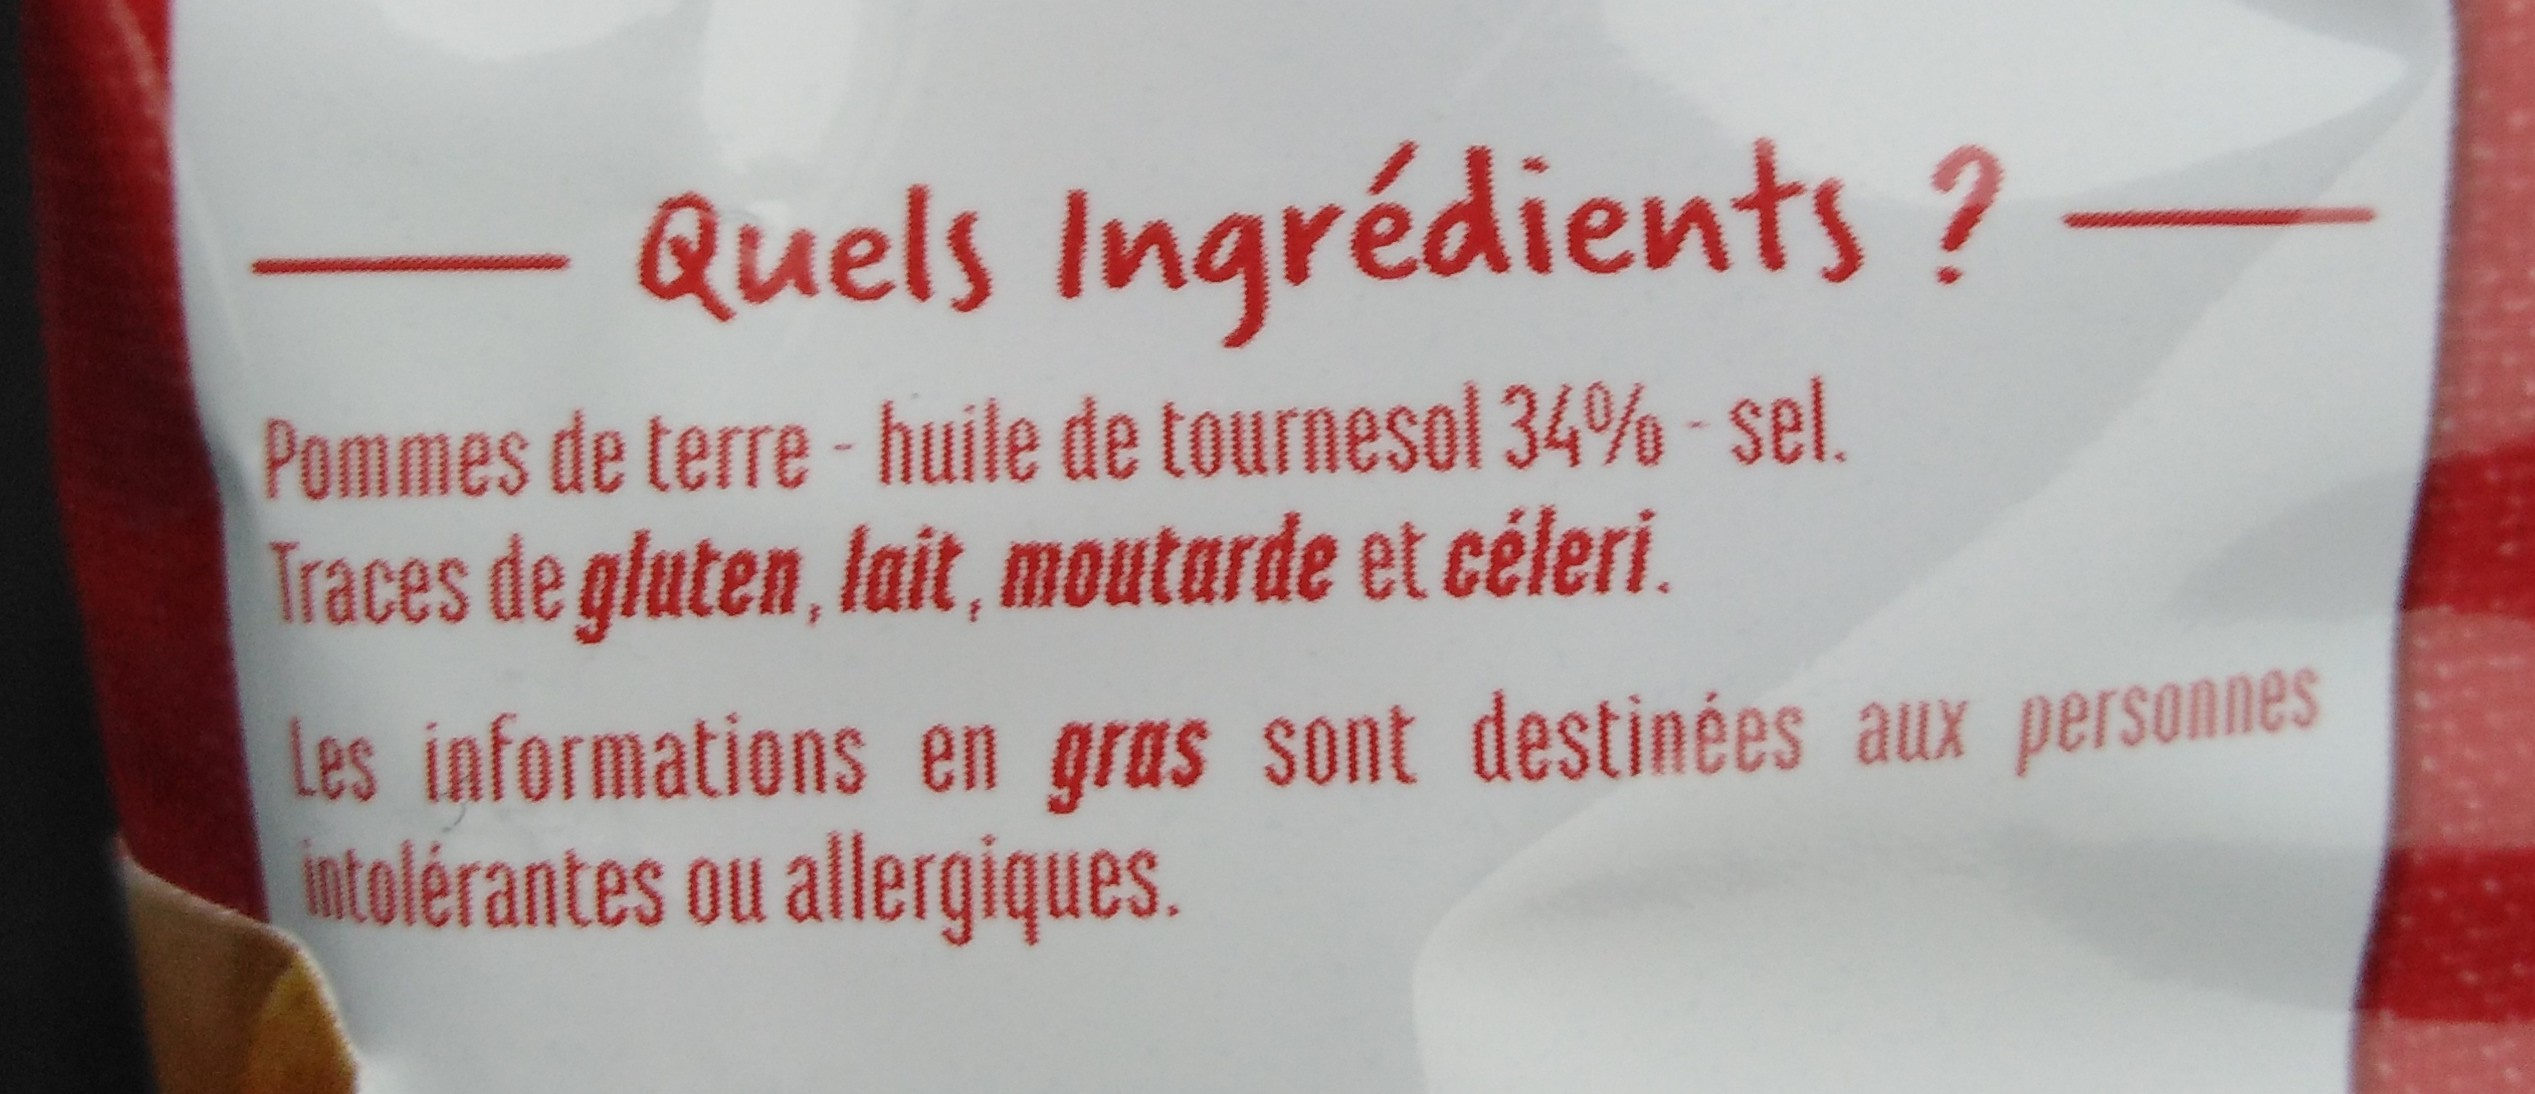 Chips nature - Ingrediënten